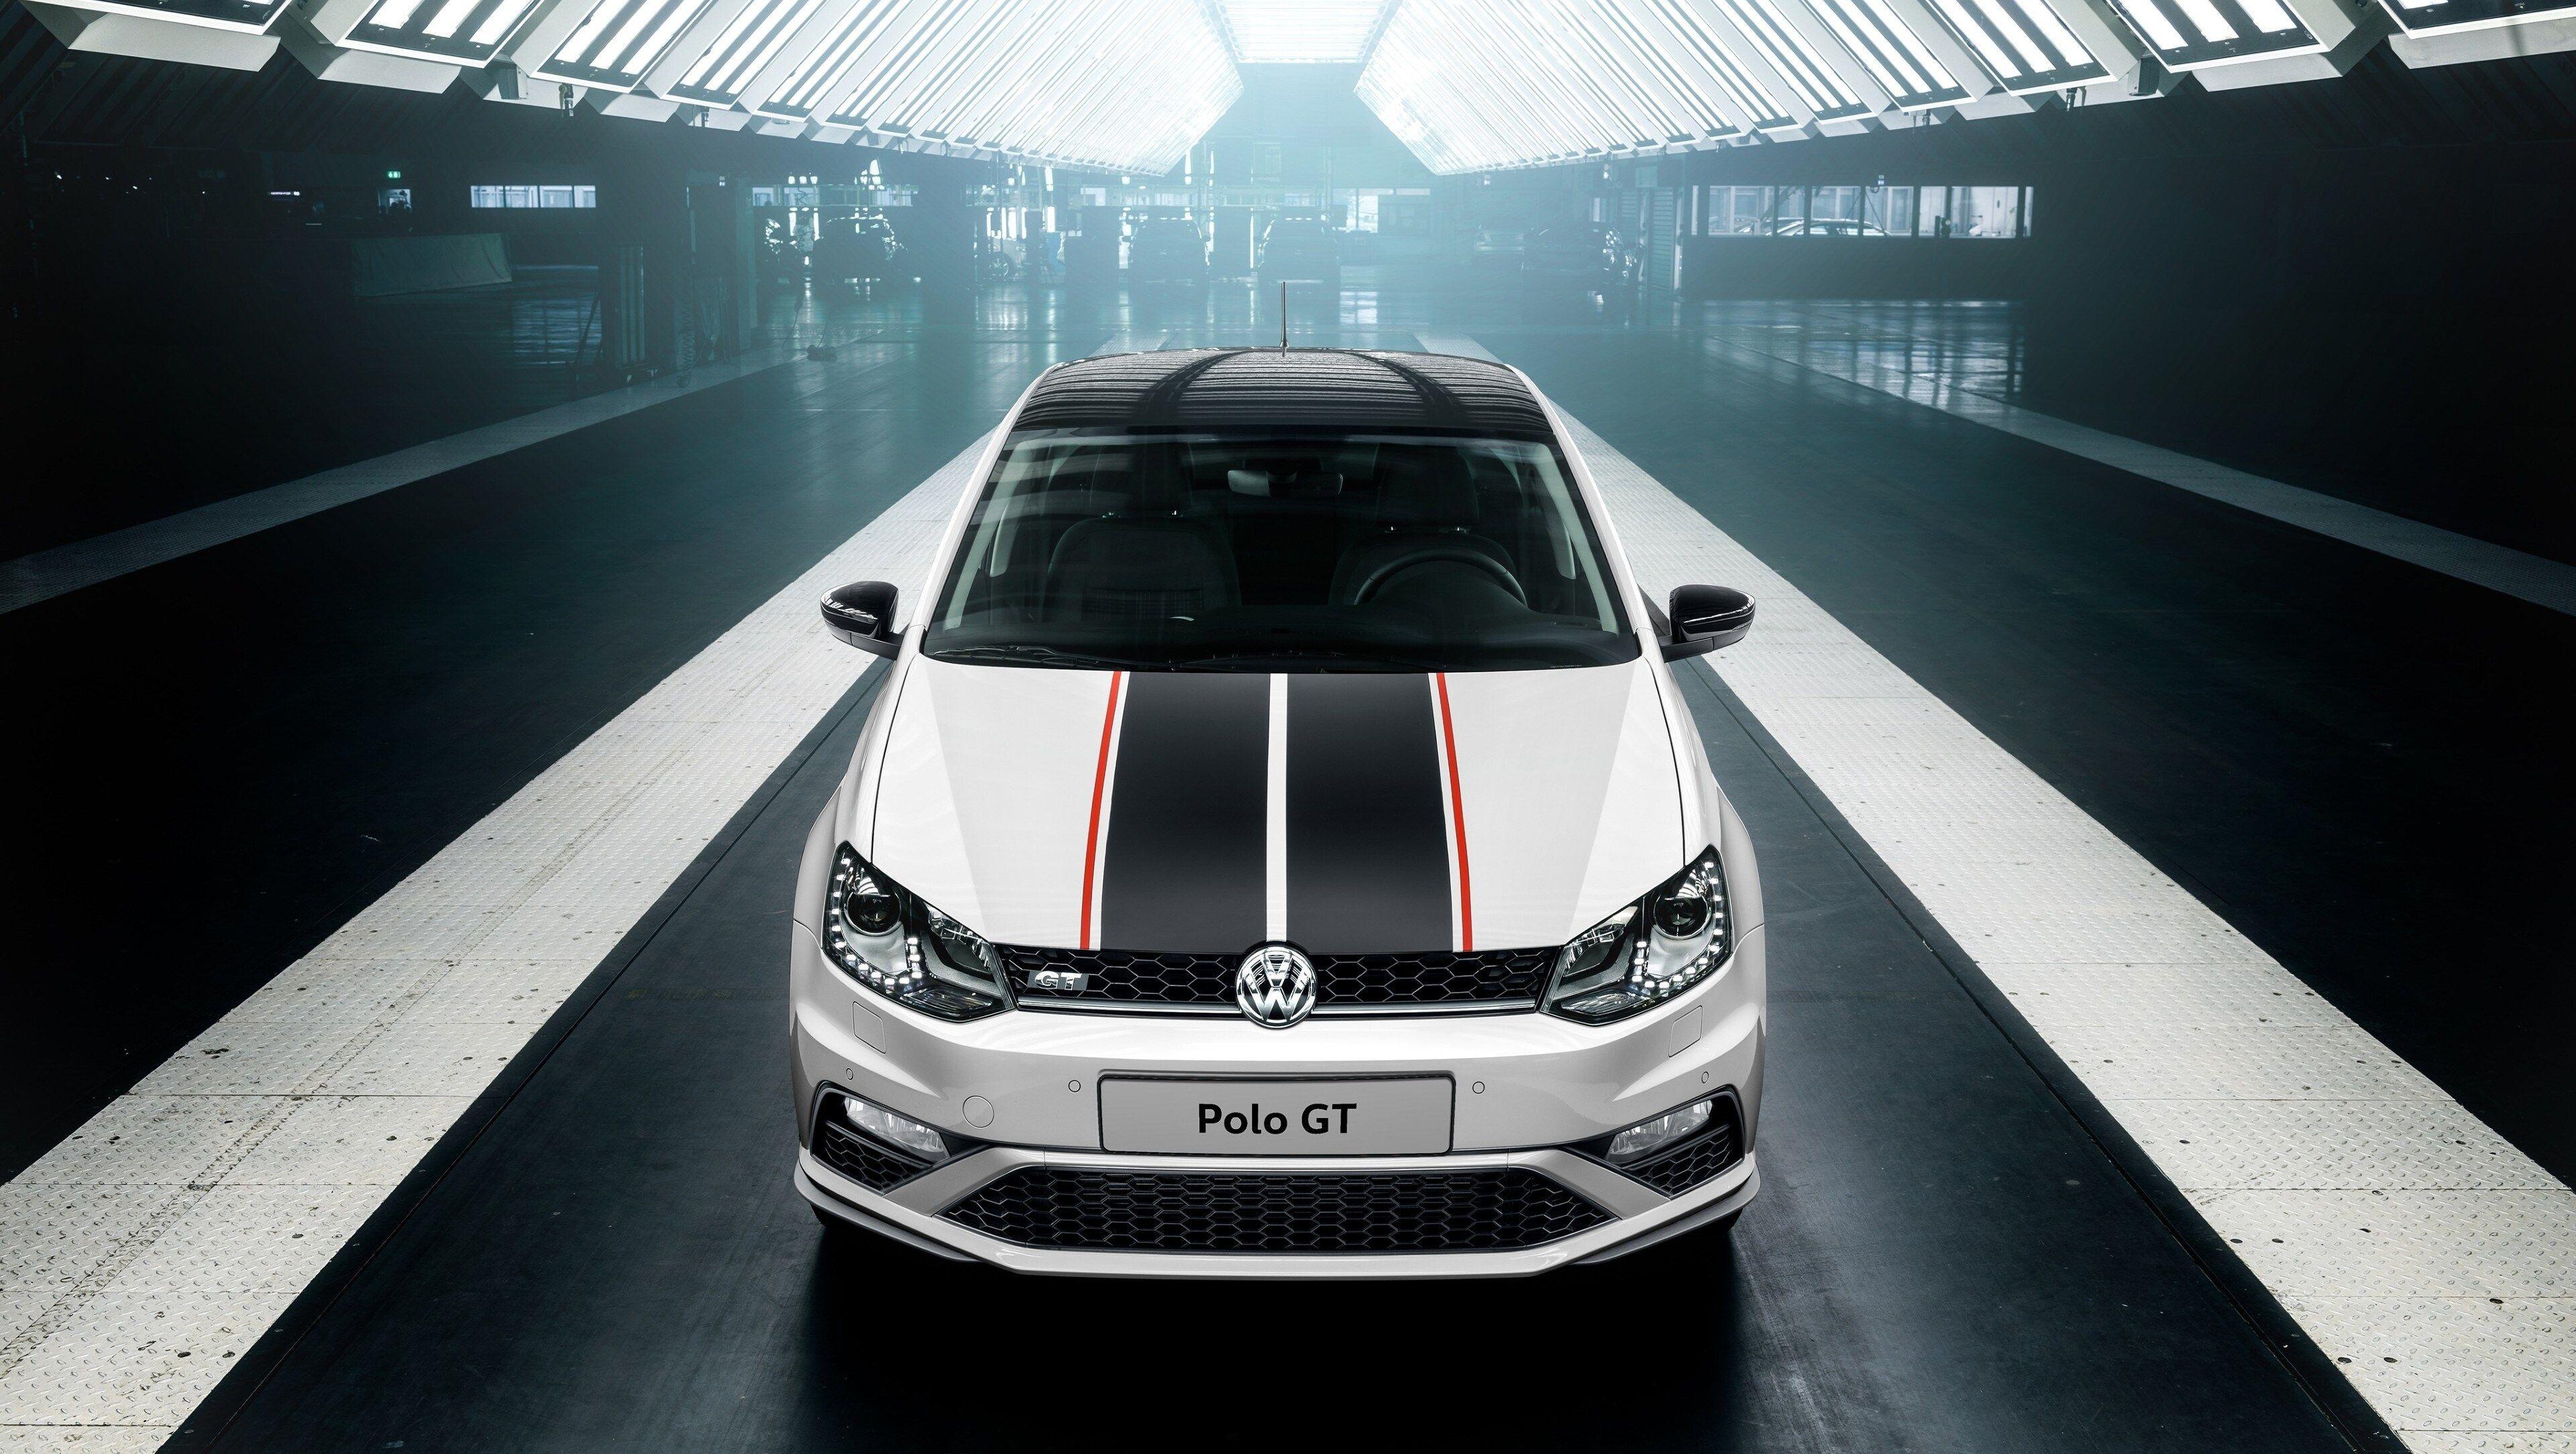 3840x2168 Volkswagen Polo Sedan Gt 4k Windows Wallpaper Hd